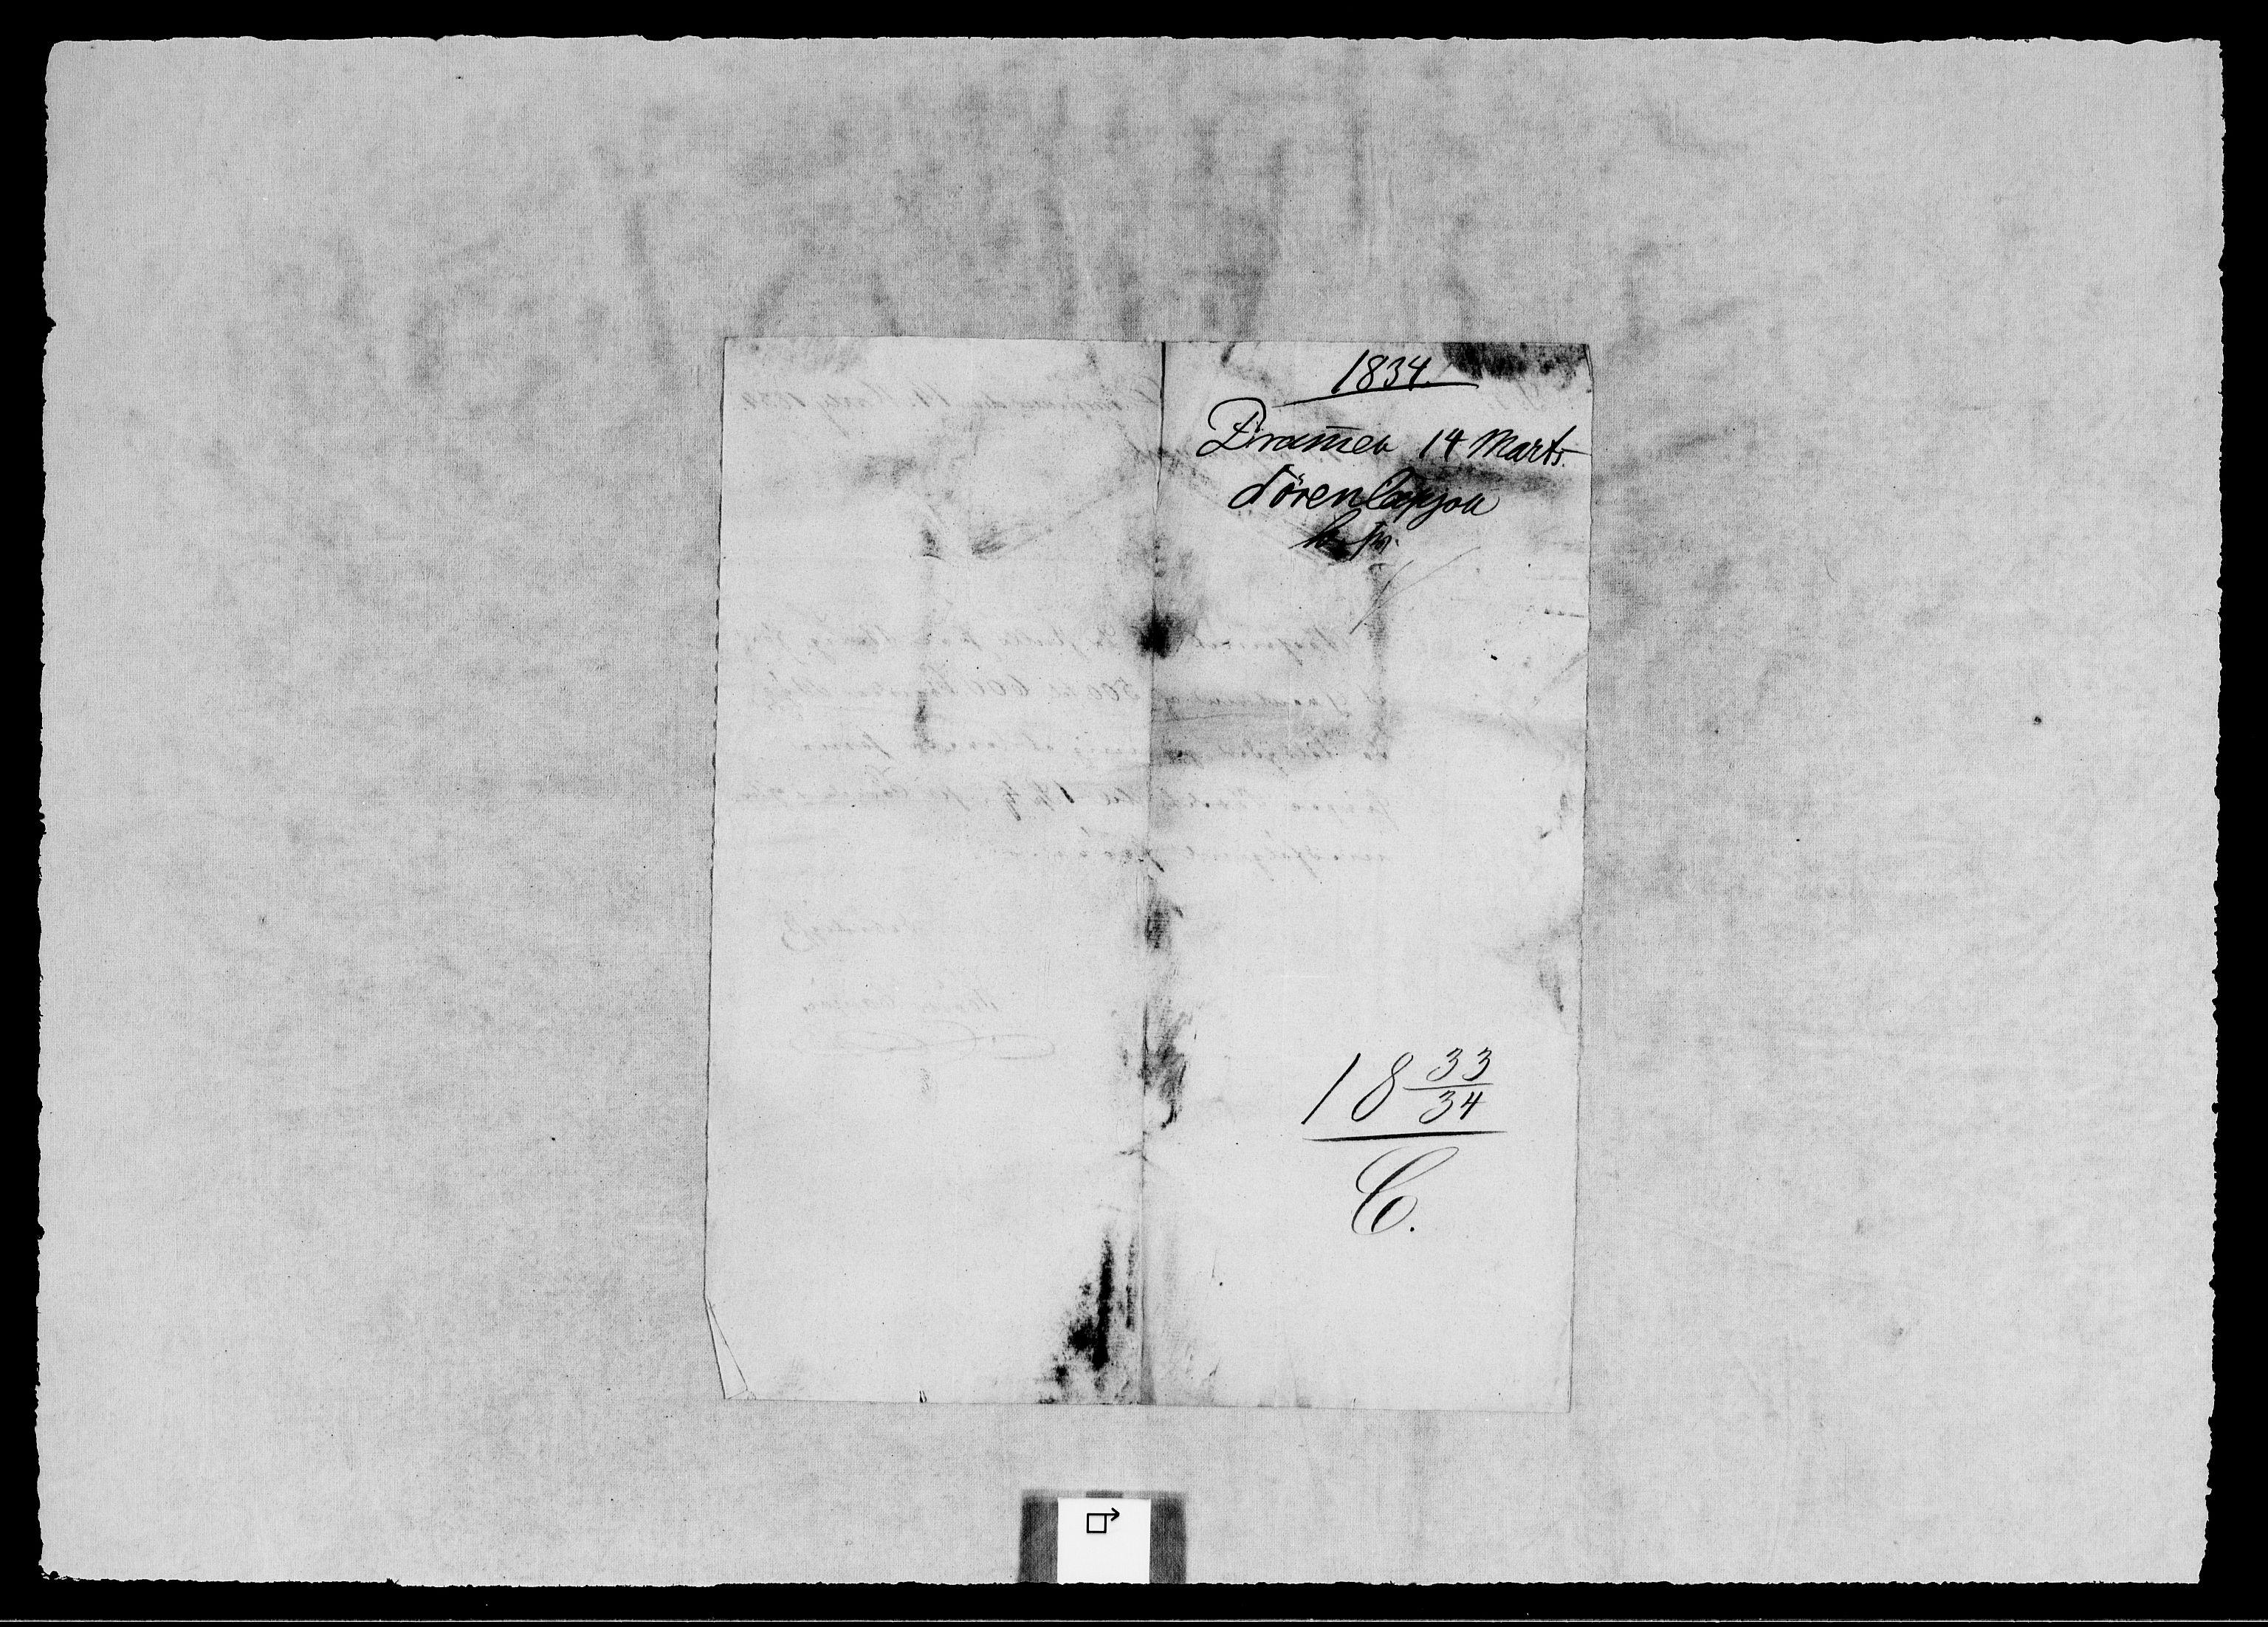 RA, Modums Blaafarveværk, G/Gb/L0111, 1833-1834, s. 2